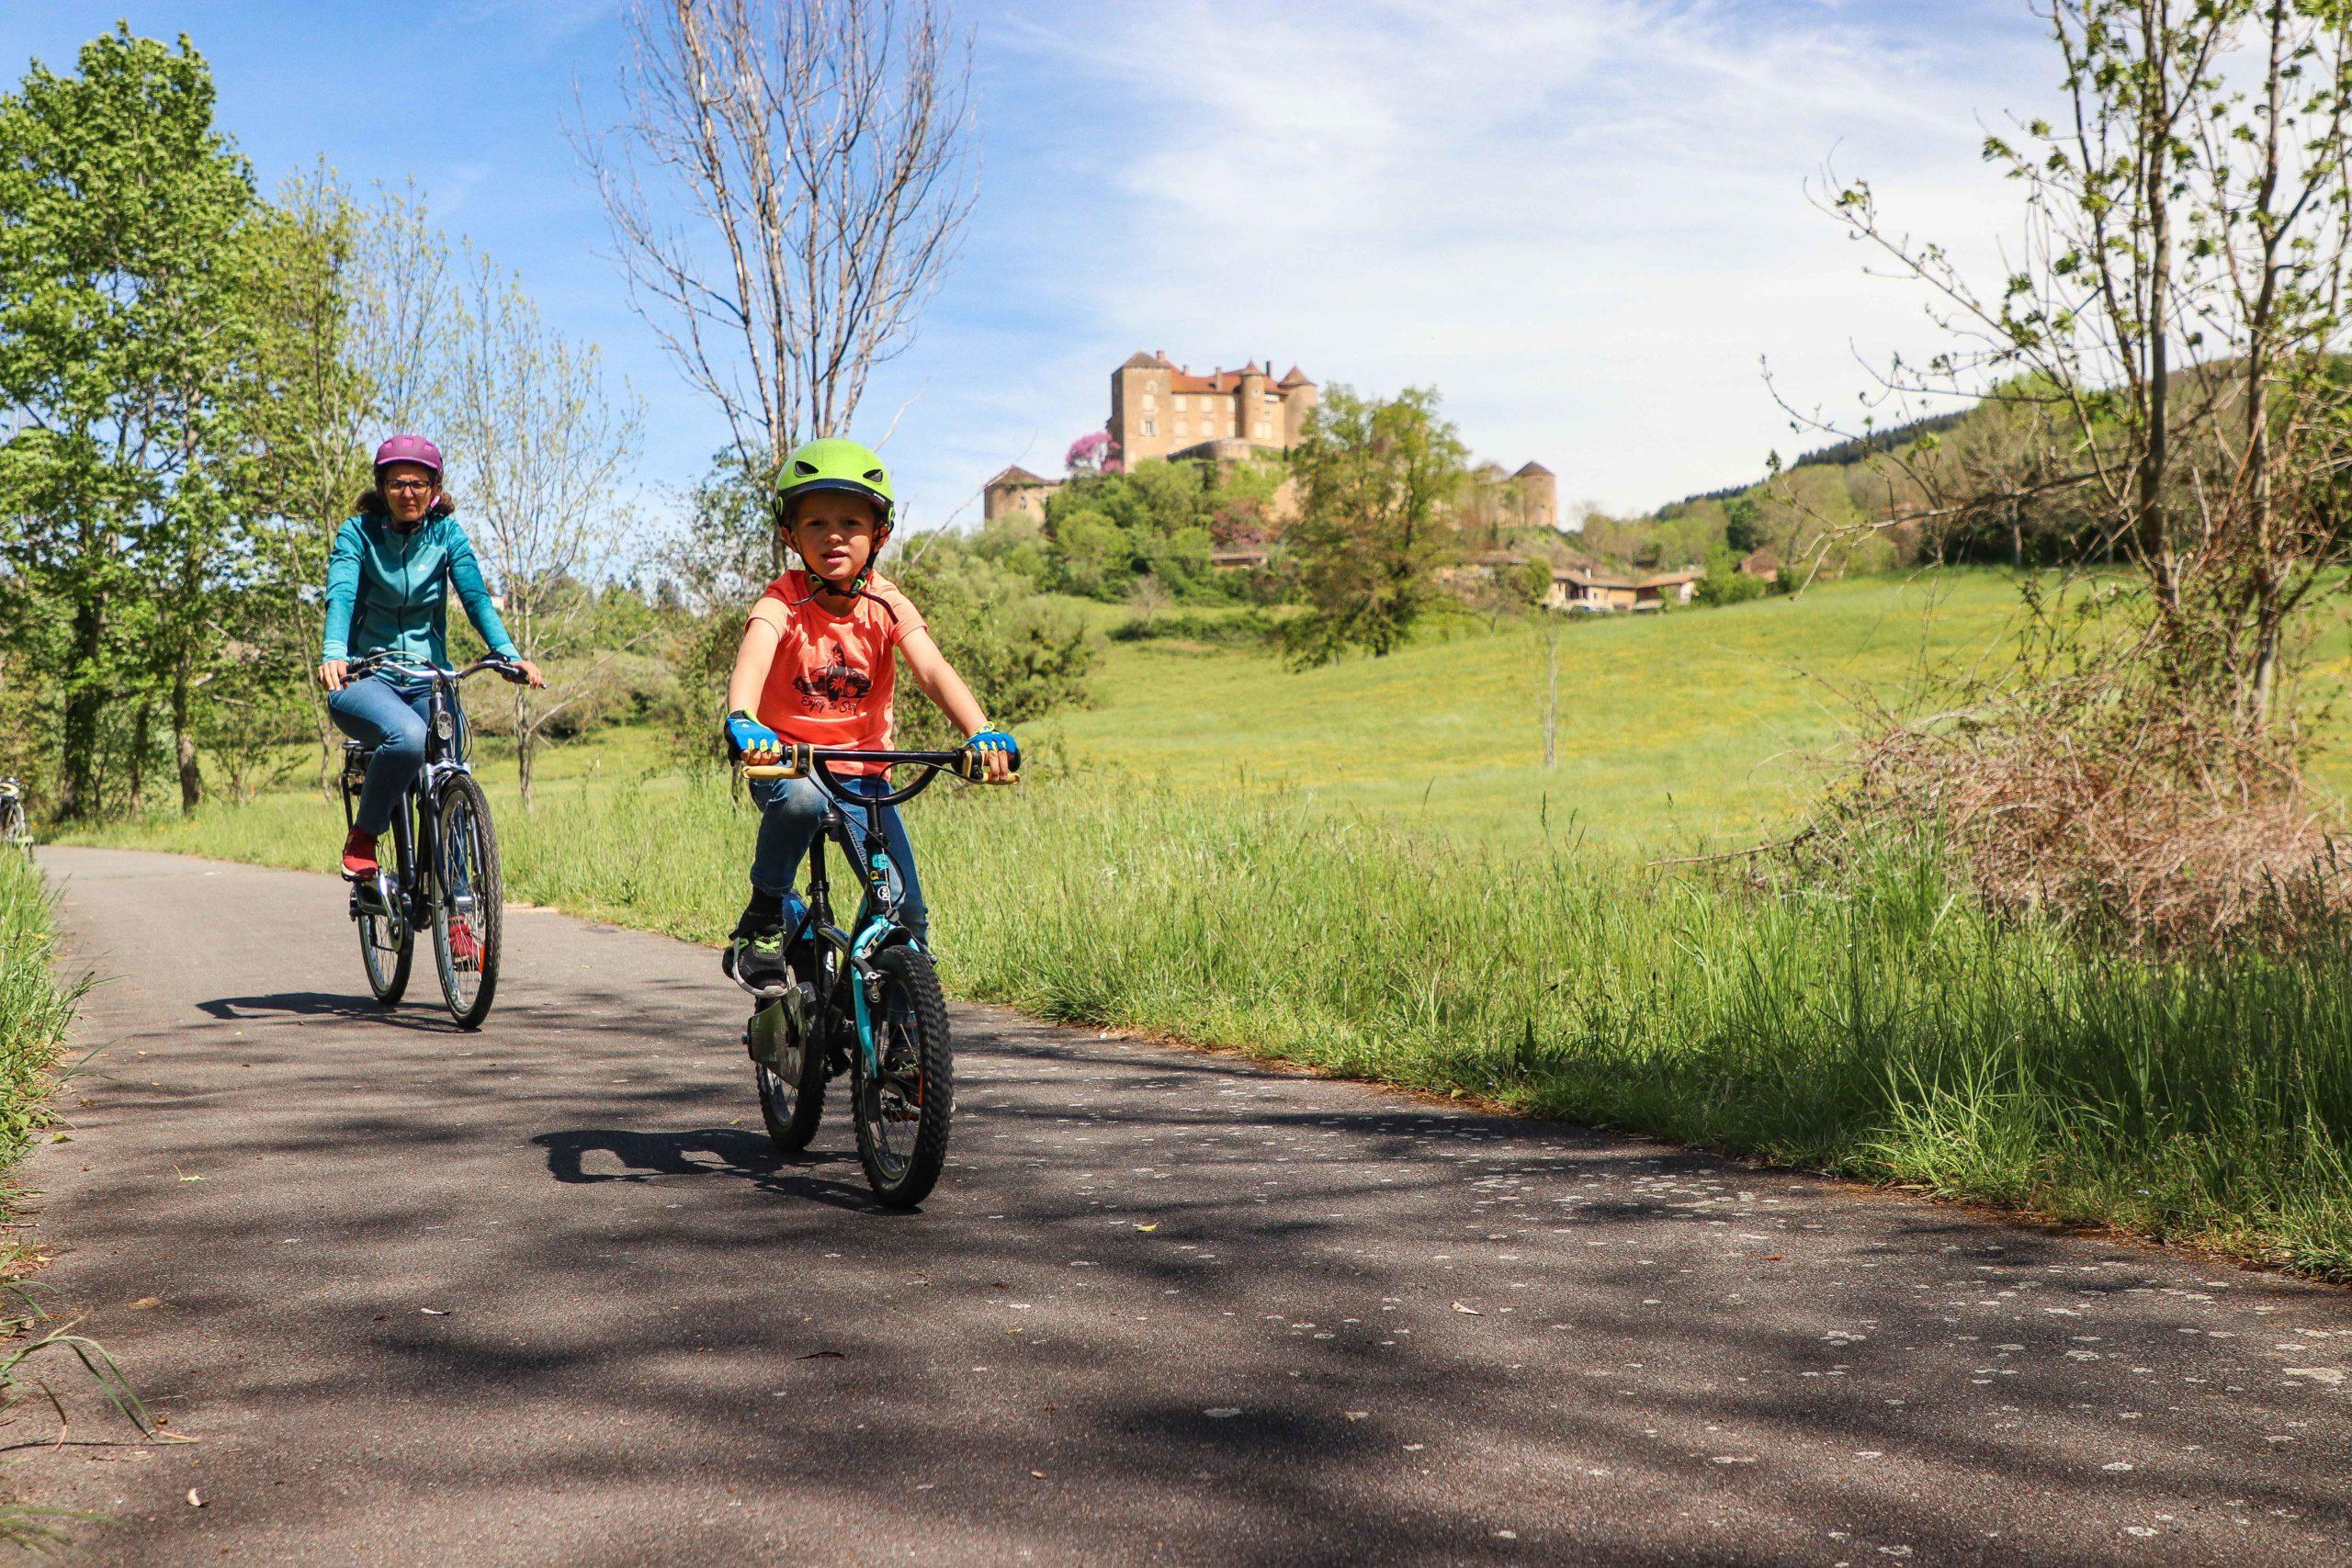 Voie verte - vélo famille - Saône-et-Loire - Berzé-le-Châtel